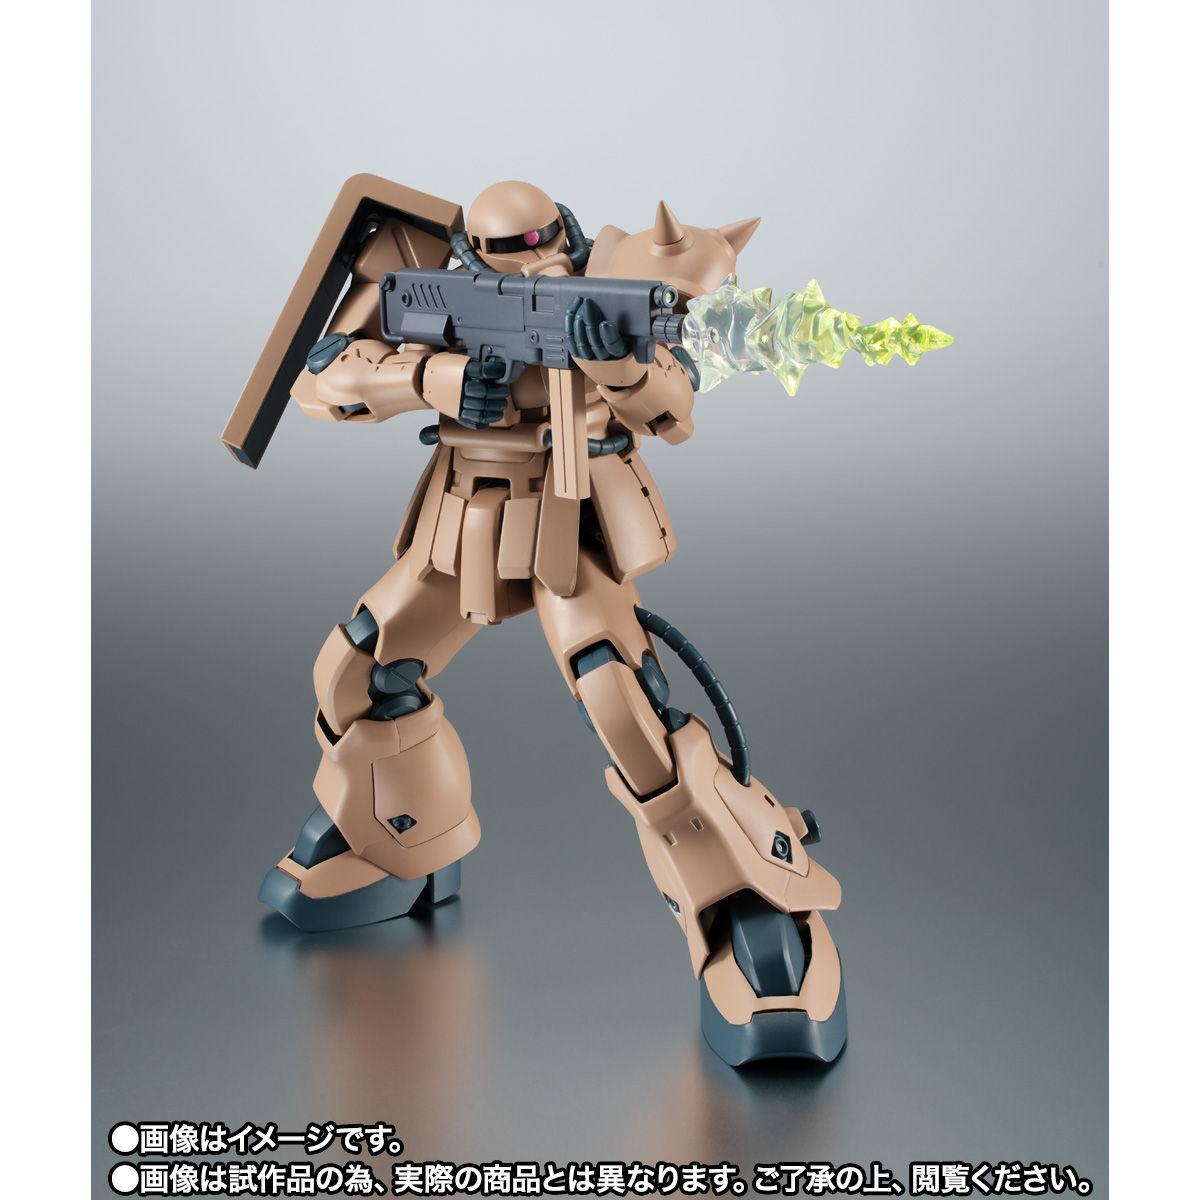 【限定販売】ROBOT魂〈SIDE MS〉『MS-06F-2 ザクII F2型 キンバライド基地仕様 ver. A.N.I.M.E.』ガンダム0083 可動フィギュア-005